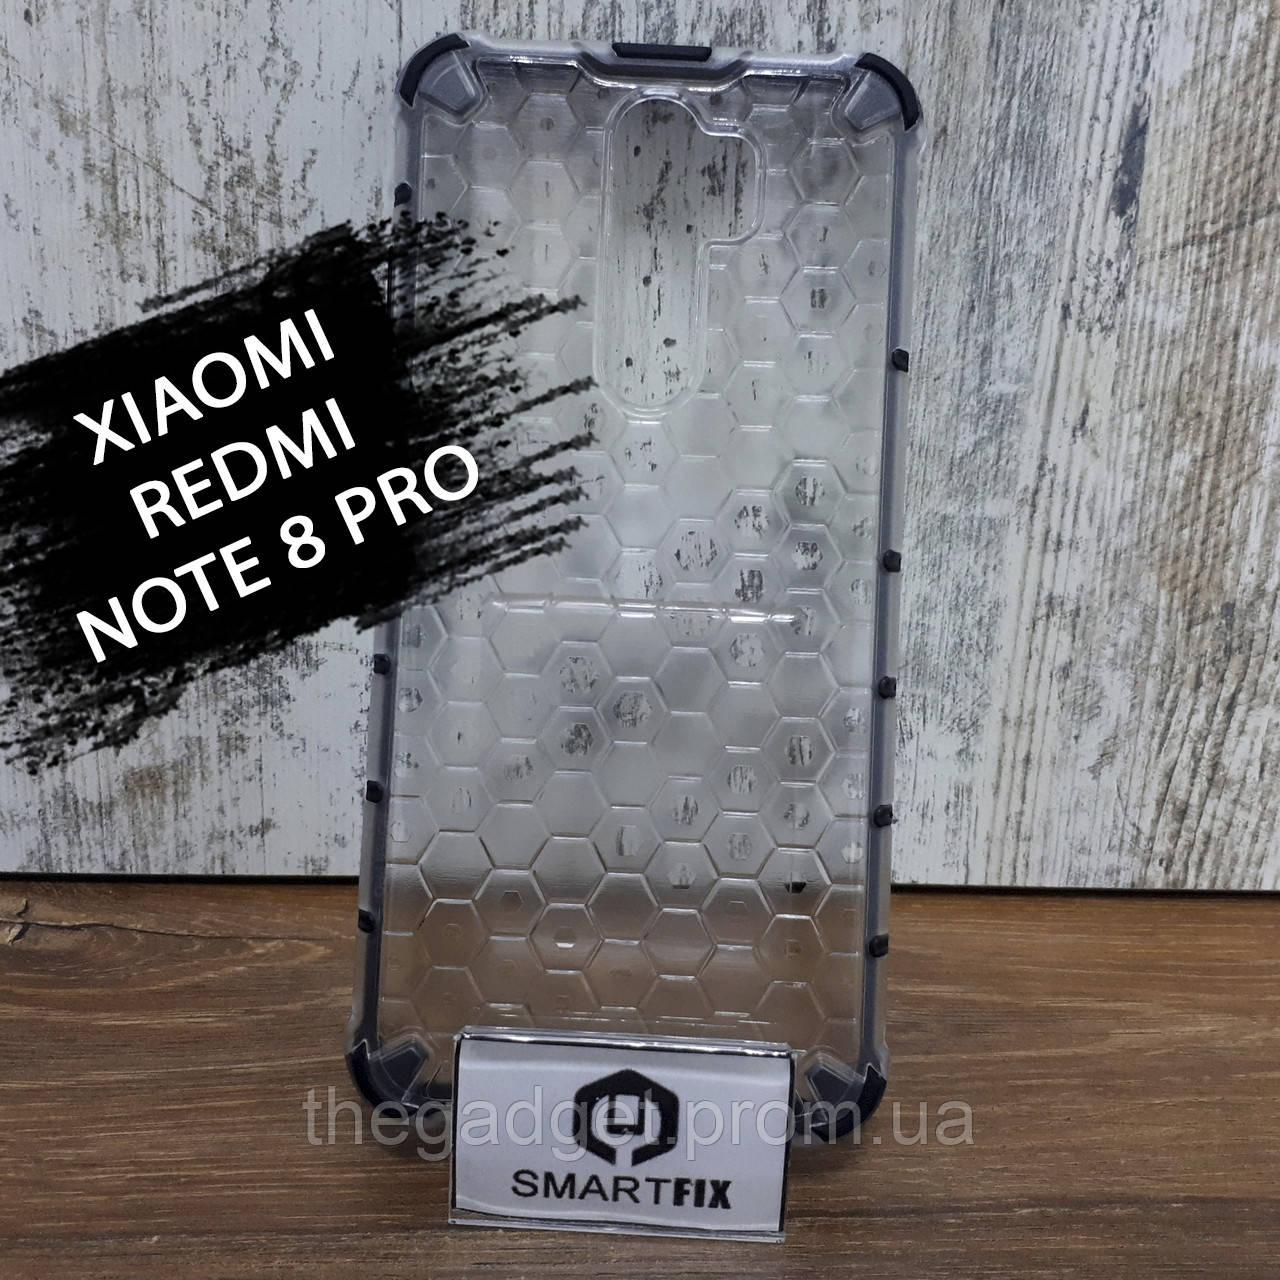 Пластиковый чехол для Xiaomi Redmi Note 8 Pro Honey Comb